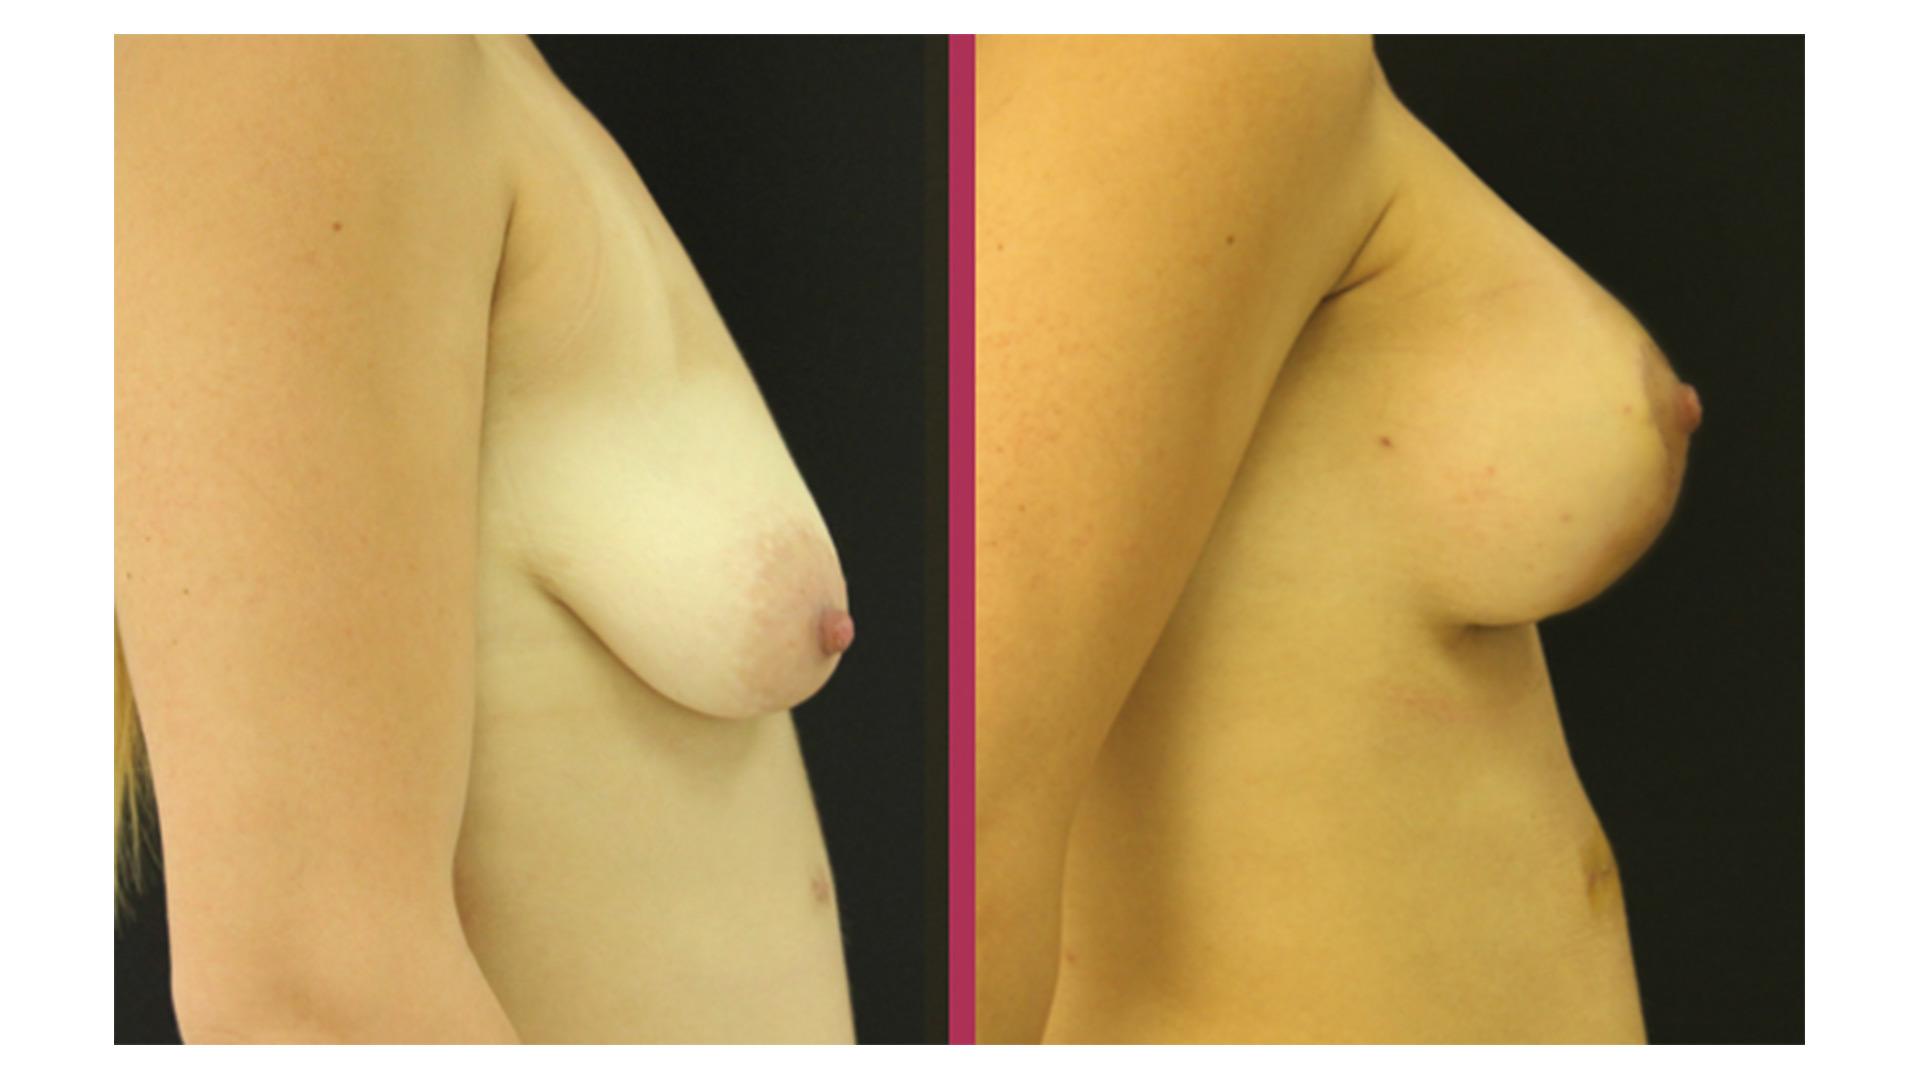 breast lift 03